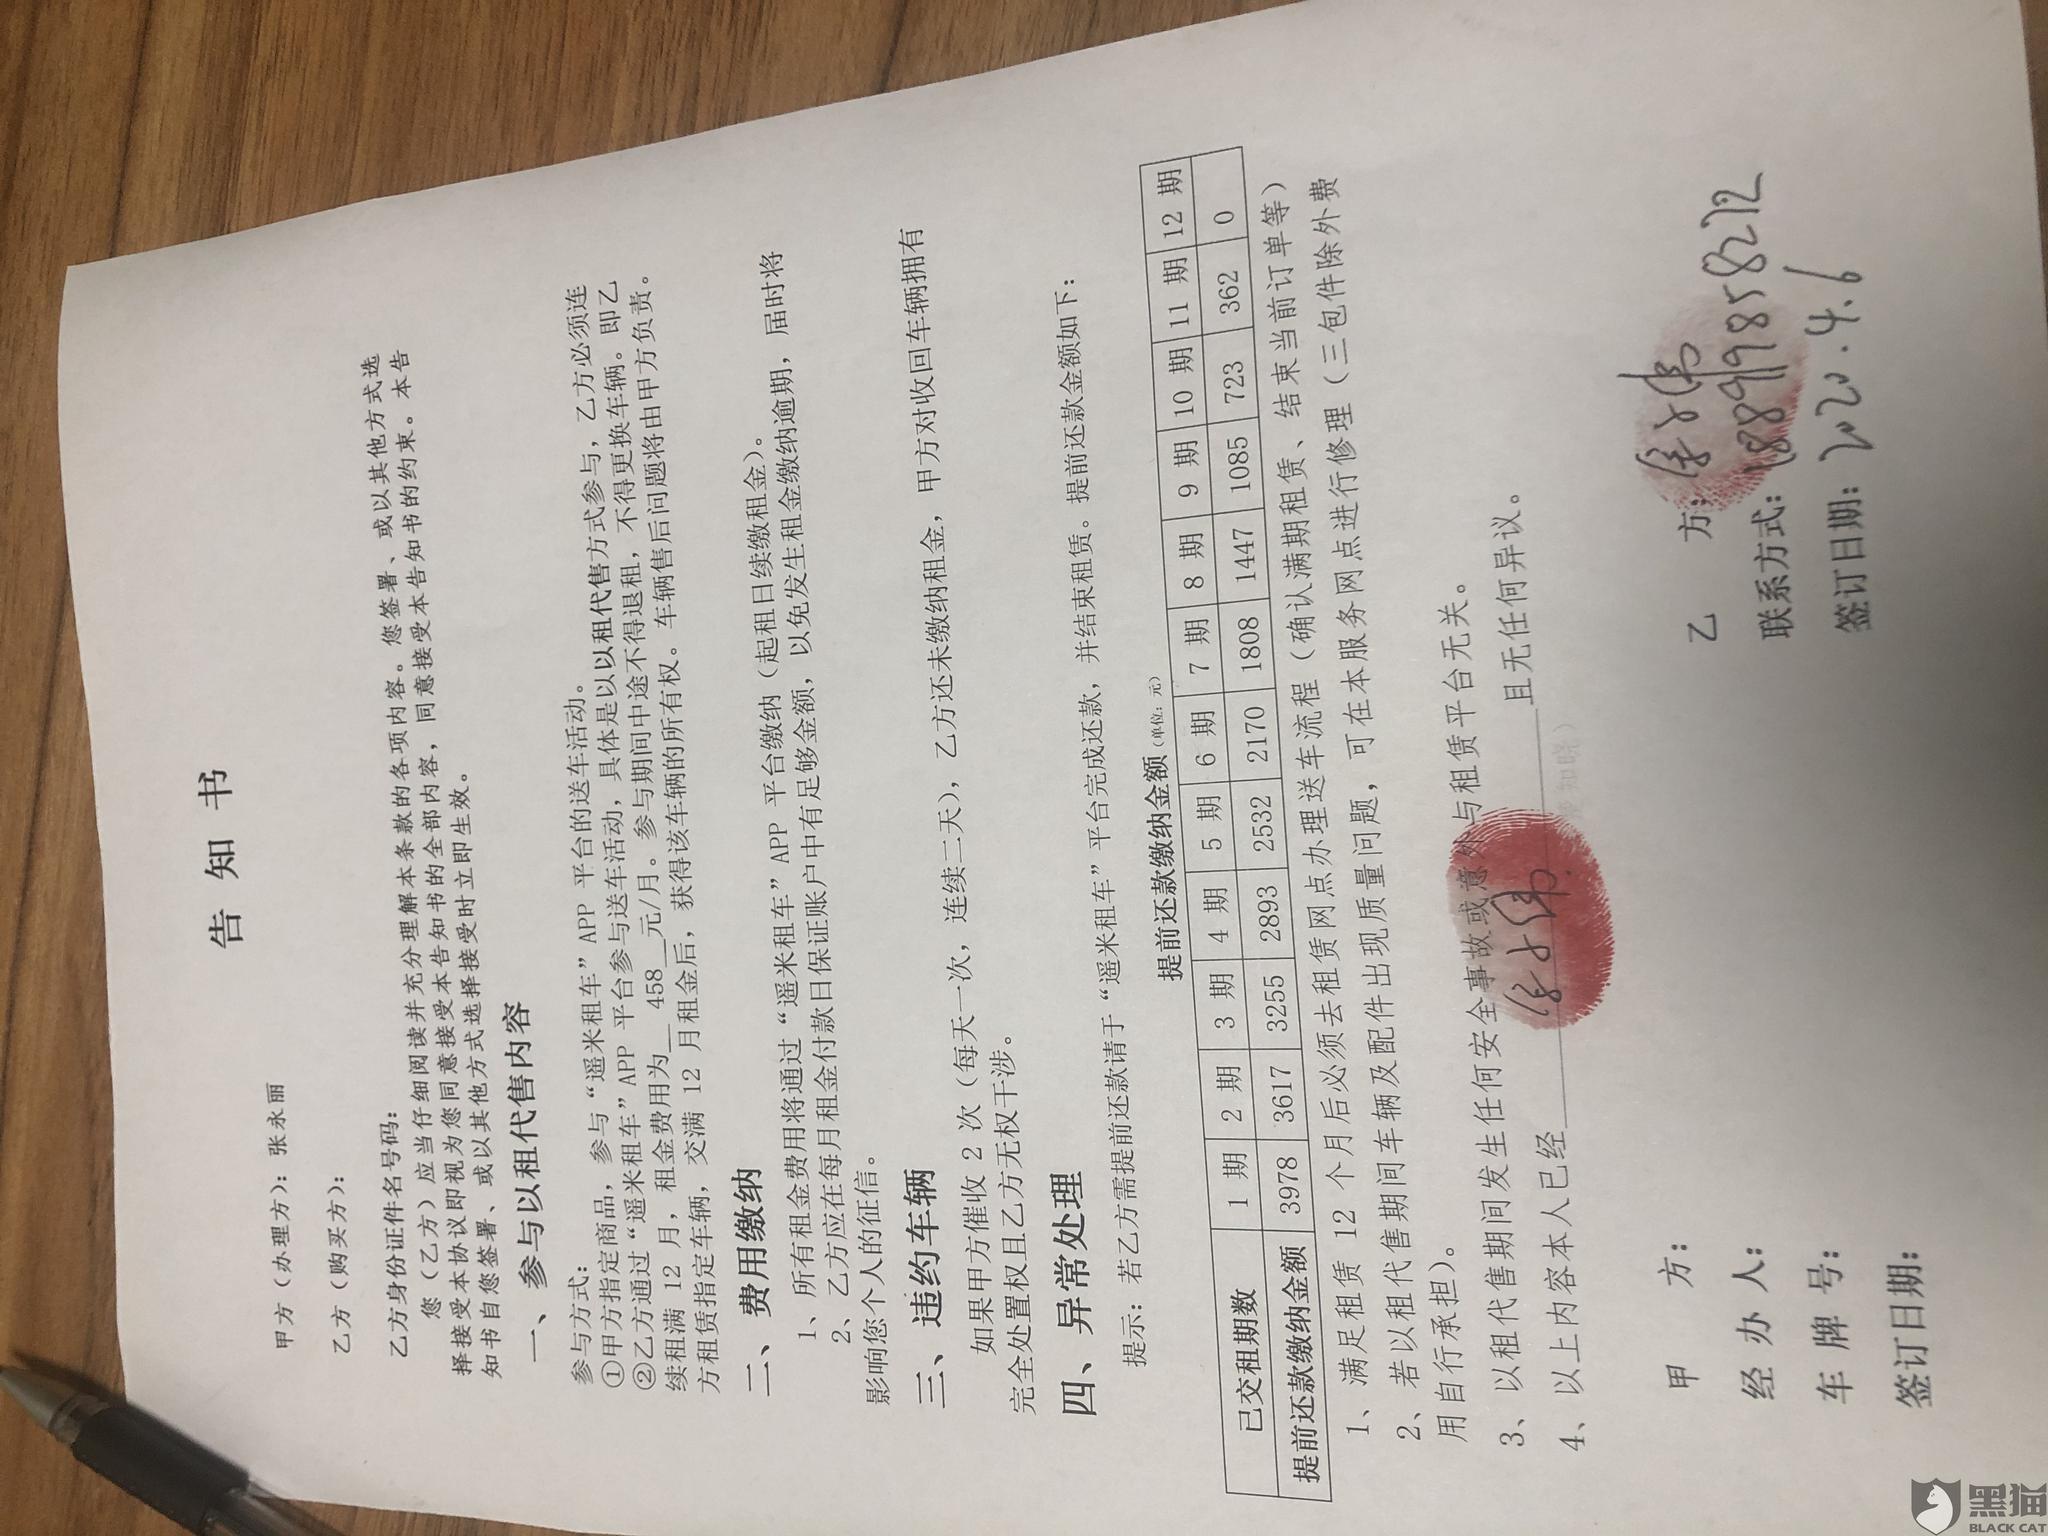 黑猫投诉:遥米租车以租代售,不予退租强行扣款